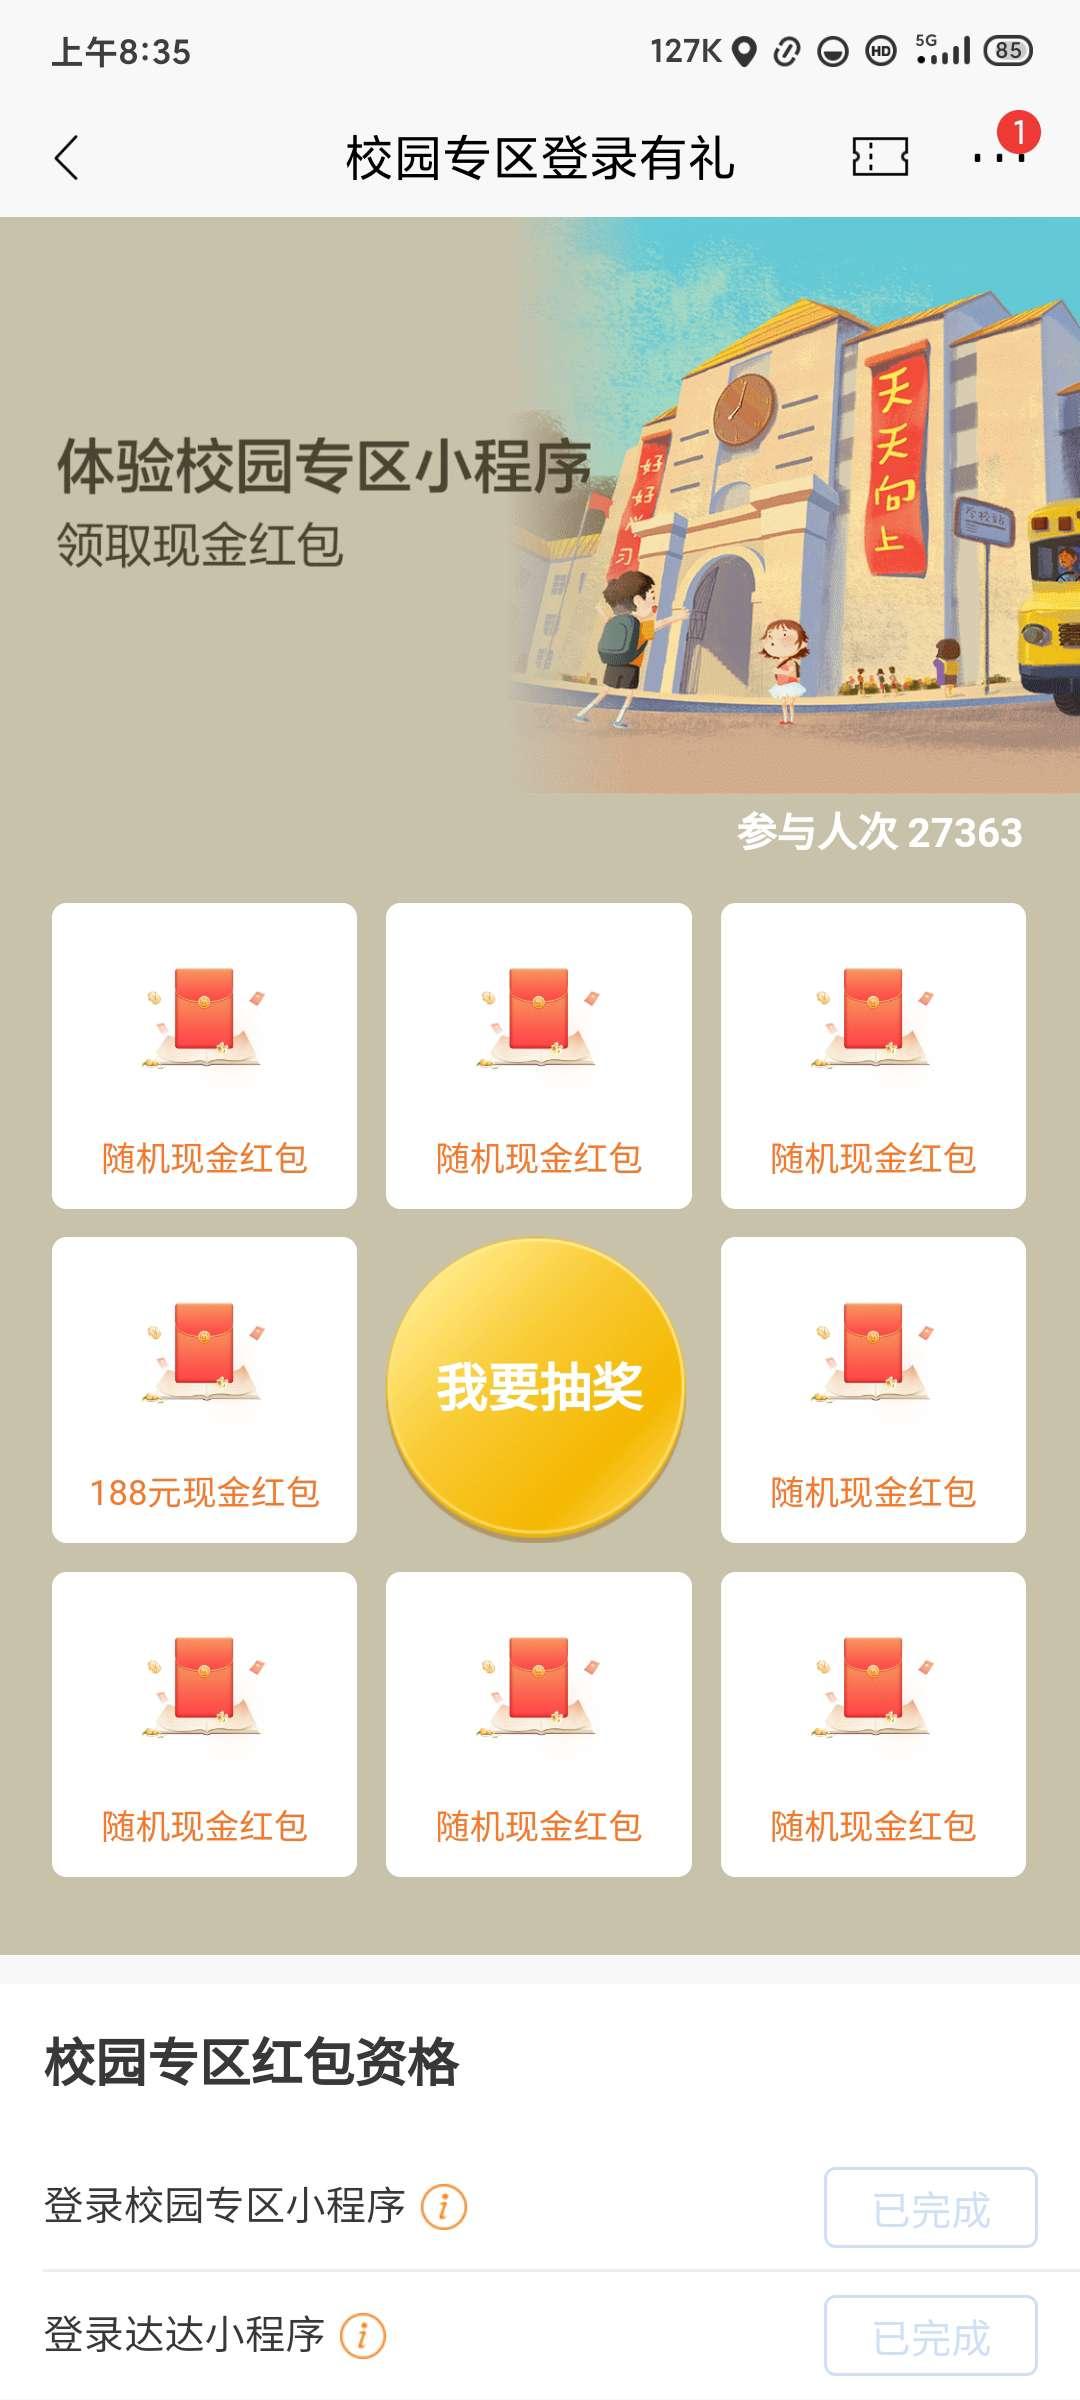 图片[1]-招商银行app完成任务领红包-老友薅羊毛活动线报网